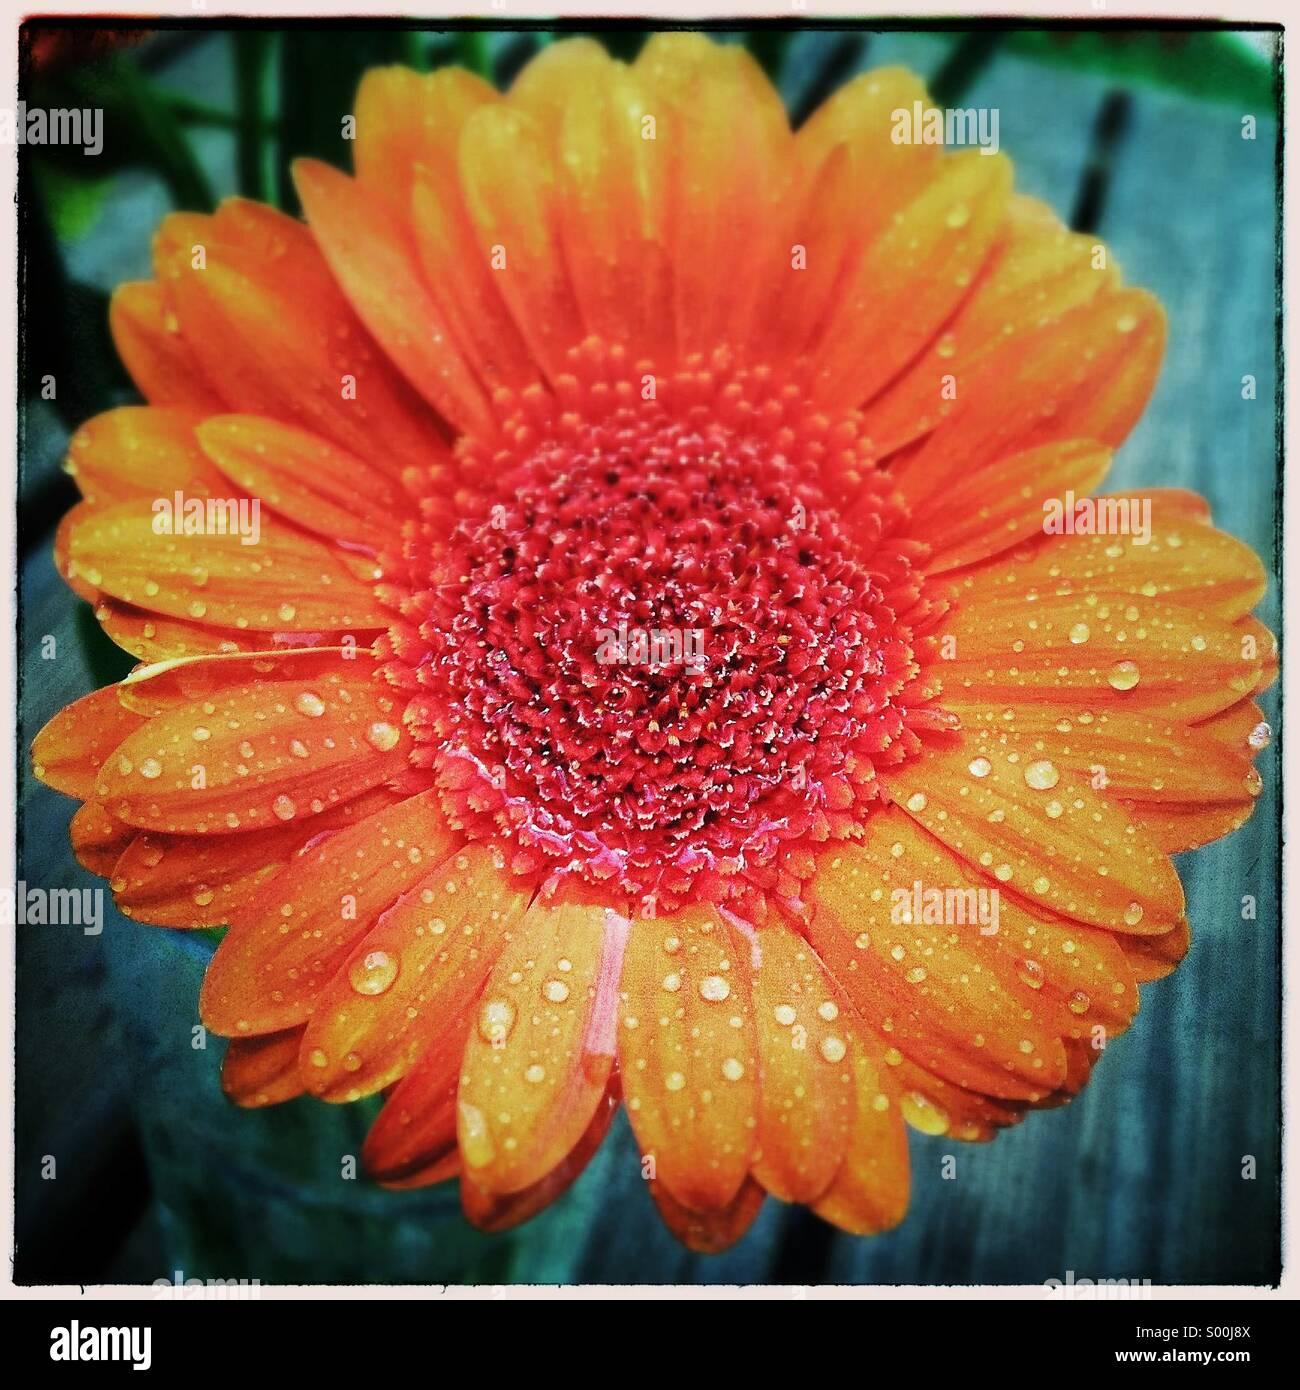 Daisy. Orange gerber wet daisy flower - Stock Image